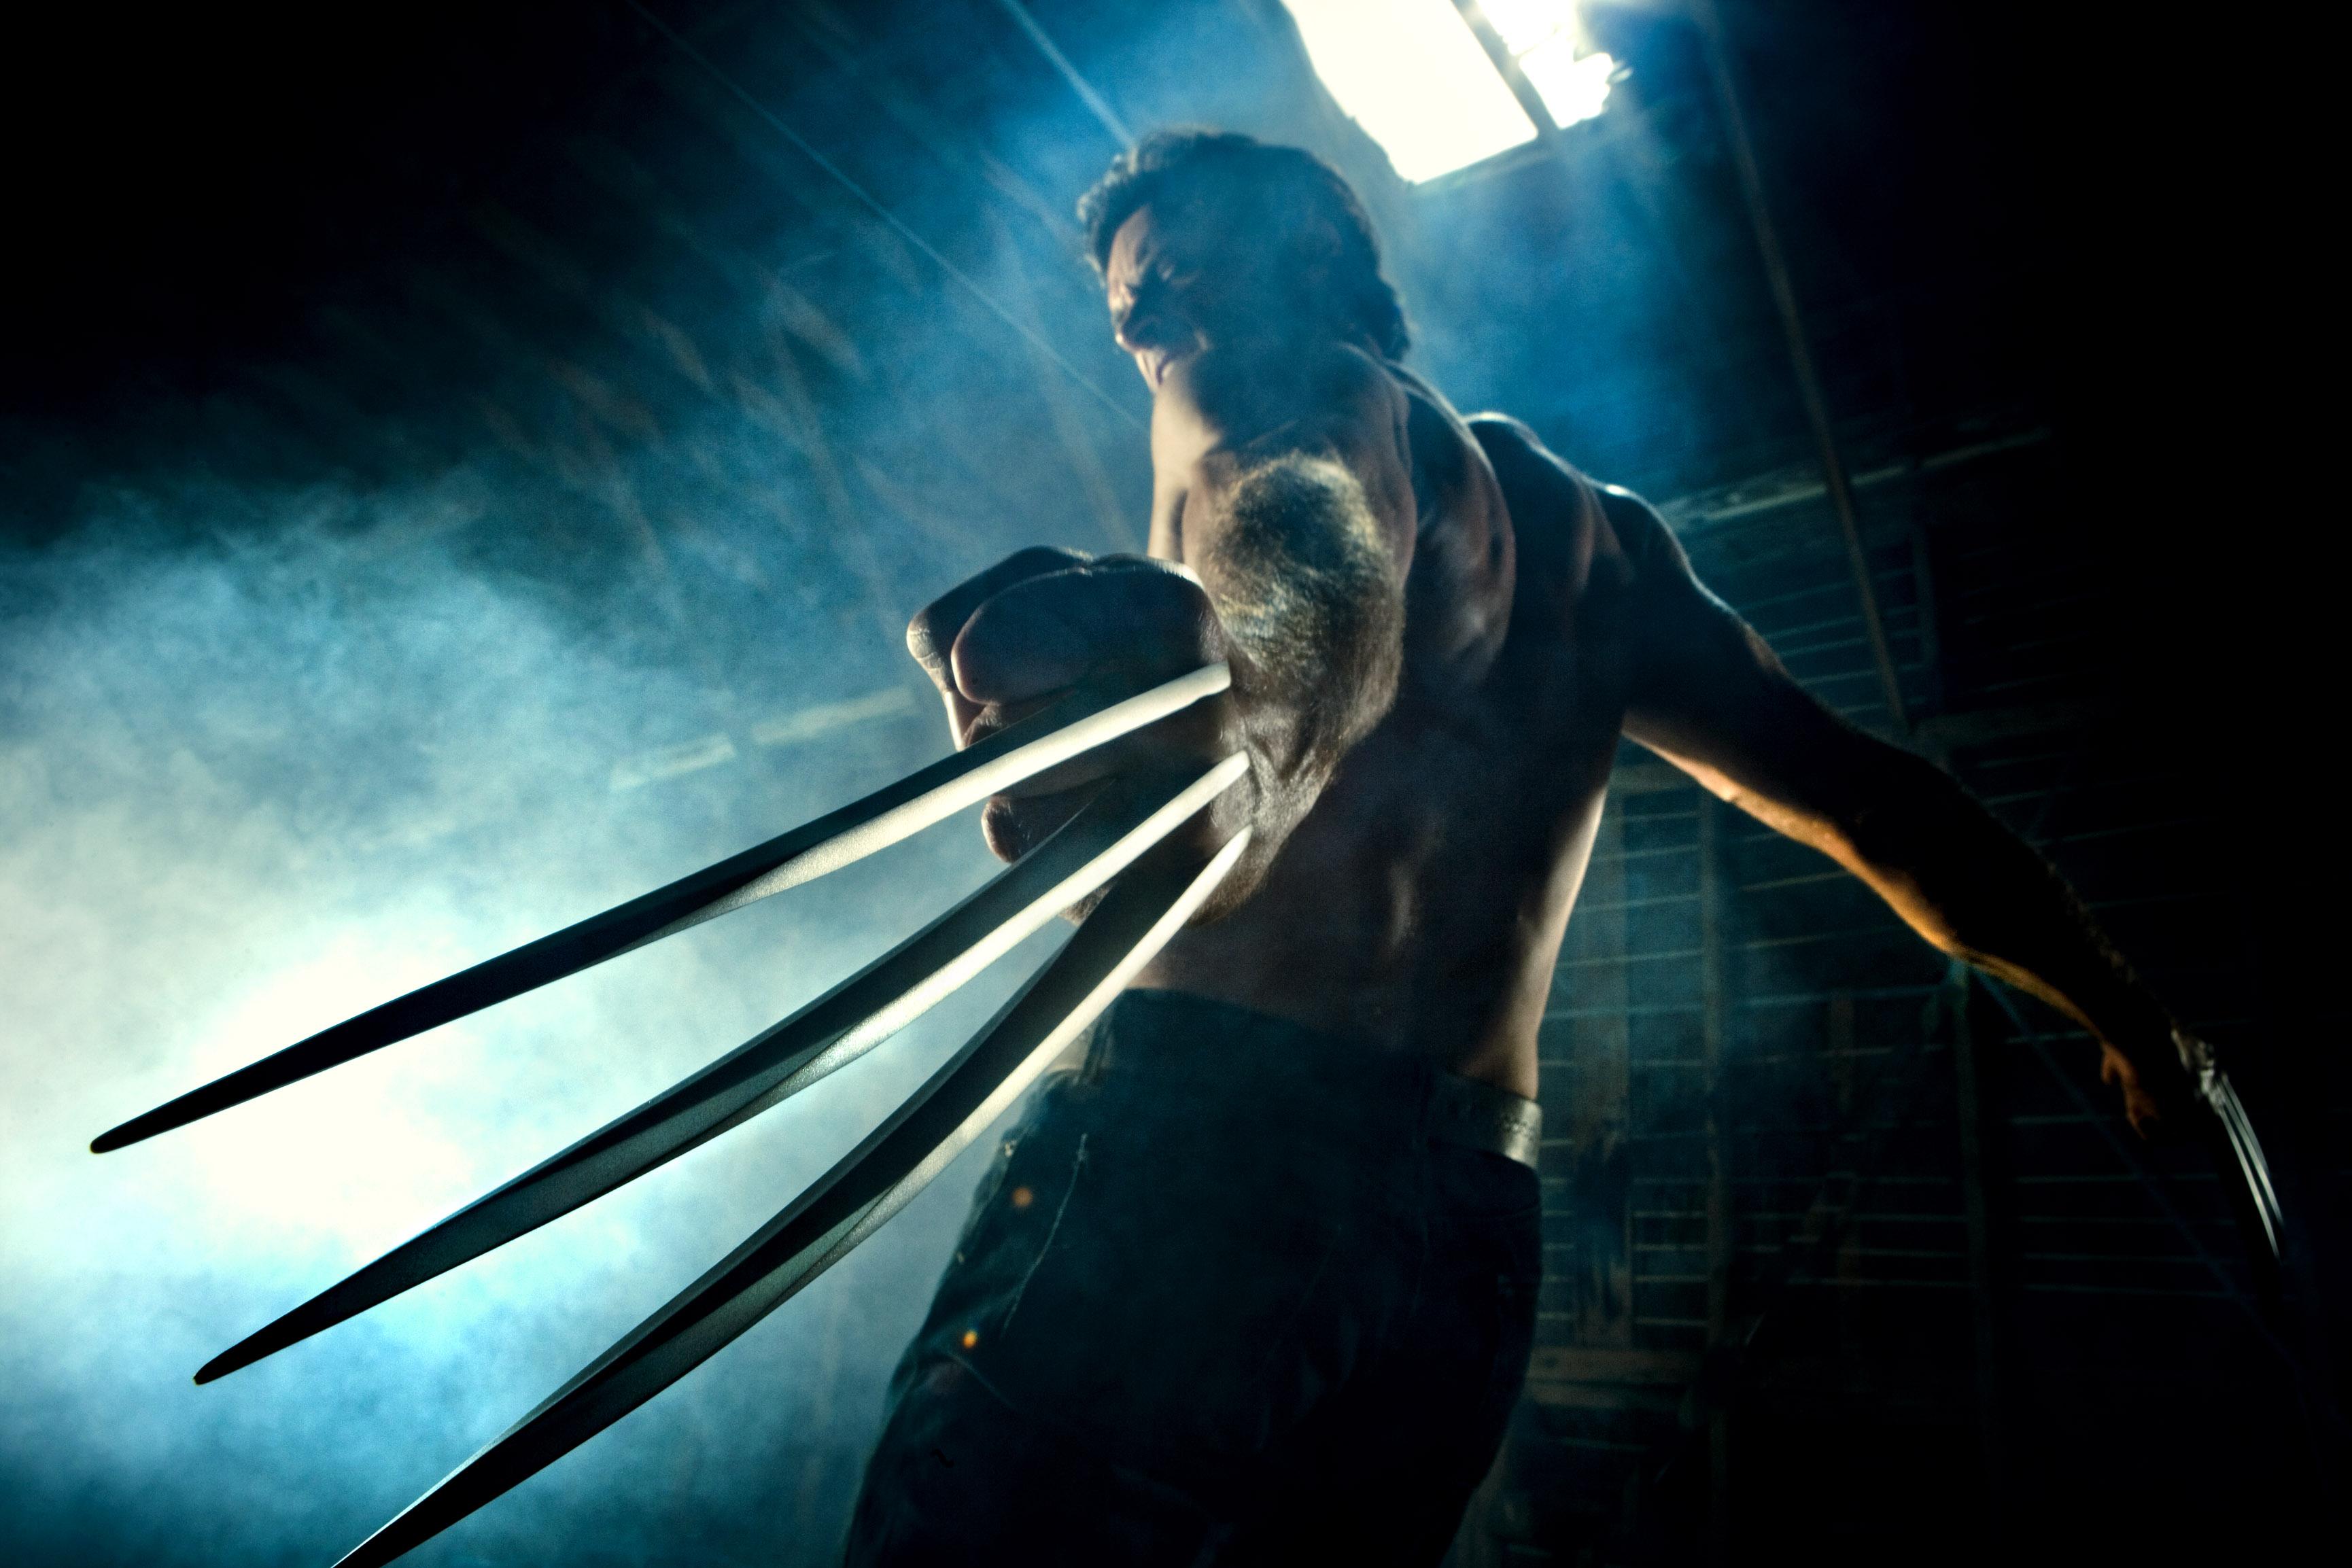 Men Origins Wolverine desktop wallpaper 3460x2307